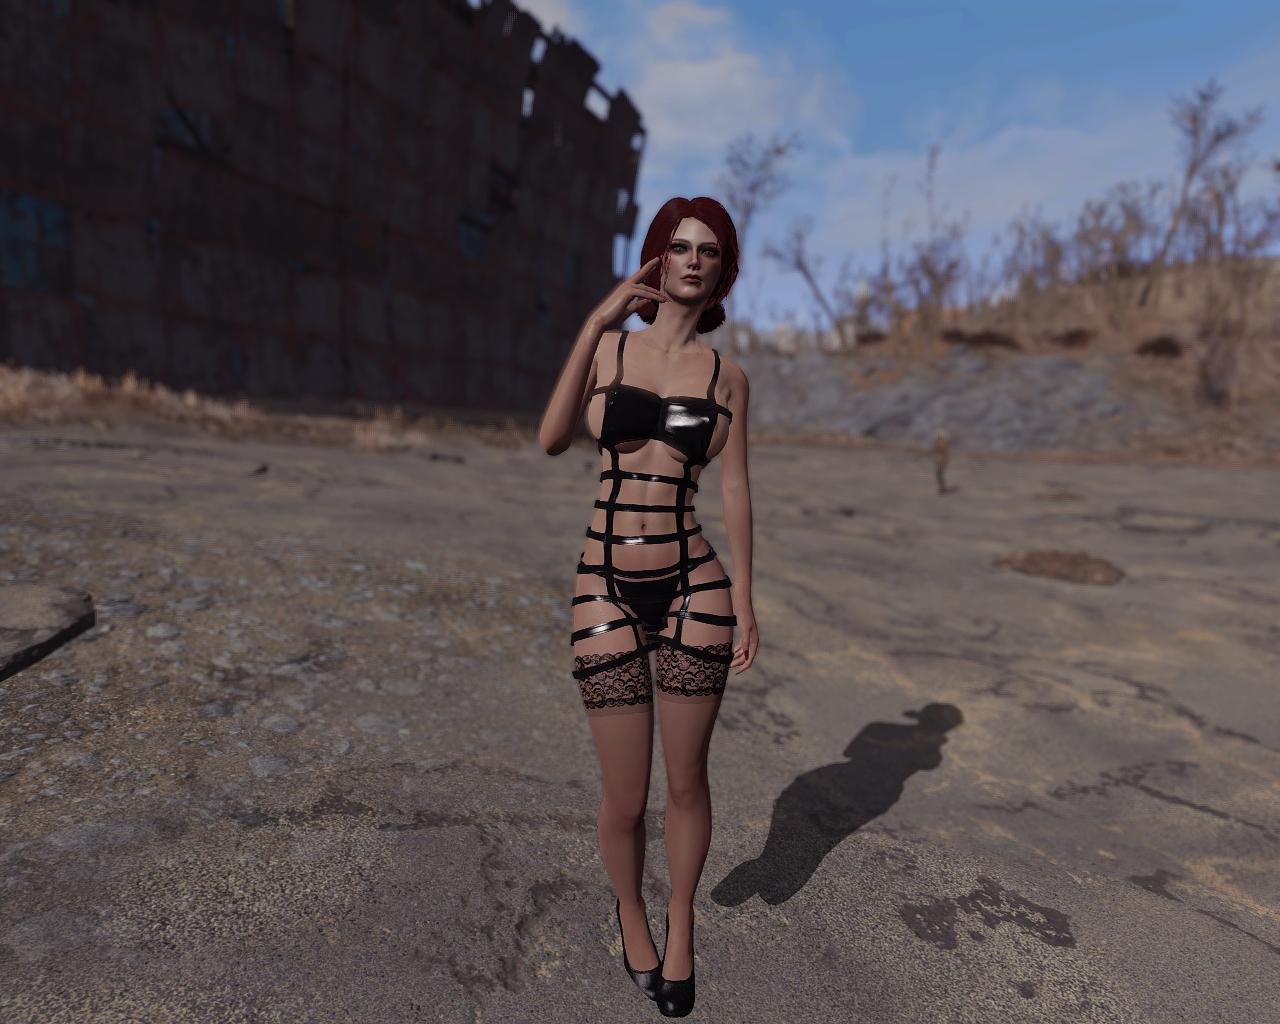 Cait - Fallout 4